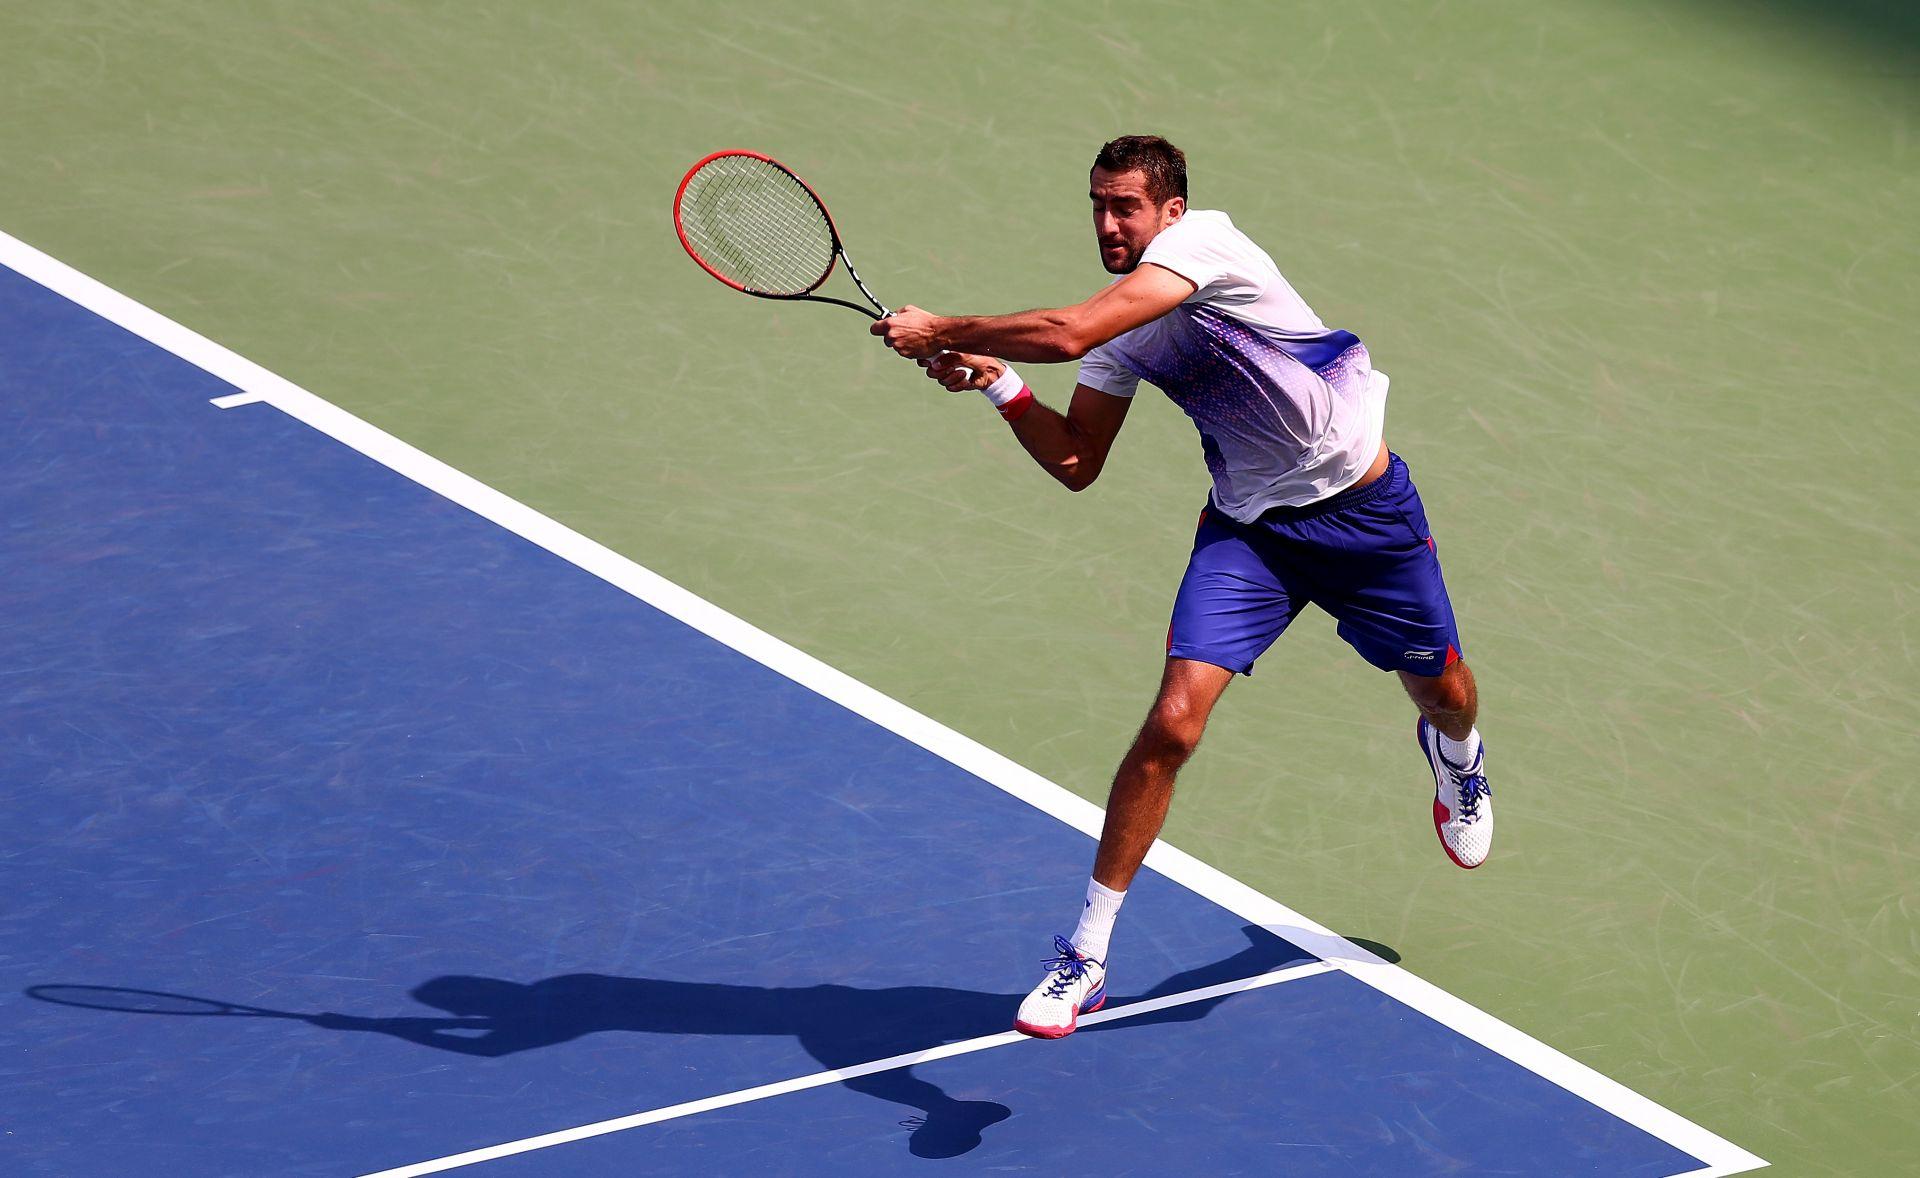 BRANITELJ NASLOVA Marin Čilić do trećeg kola US Opena bez izgubljenog seta